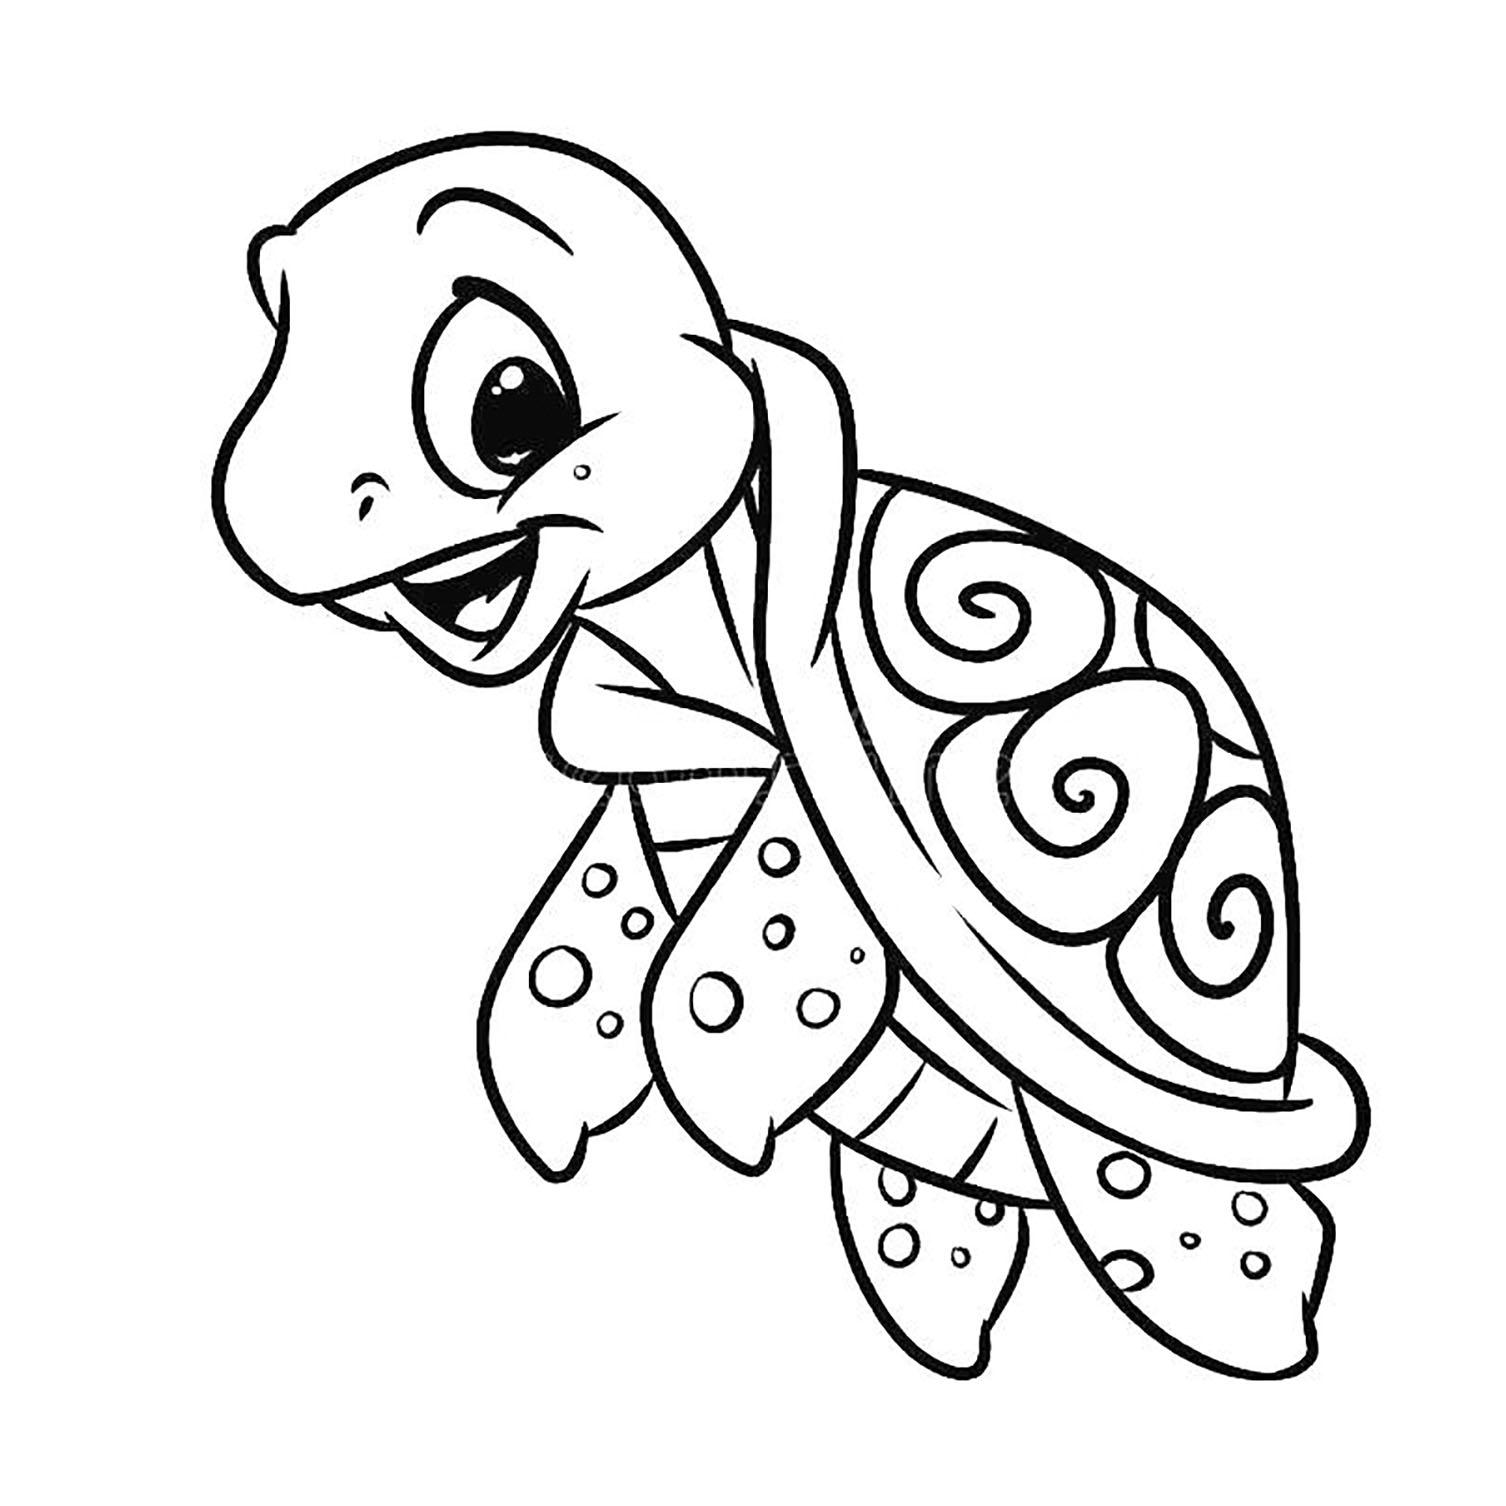 Tranh cho bé tô màu con rùa 4